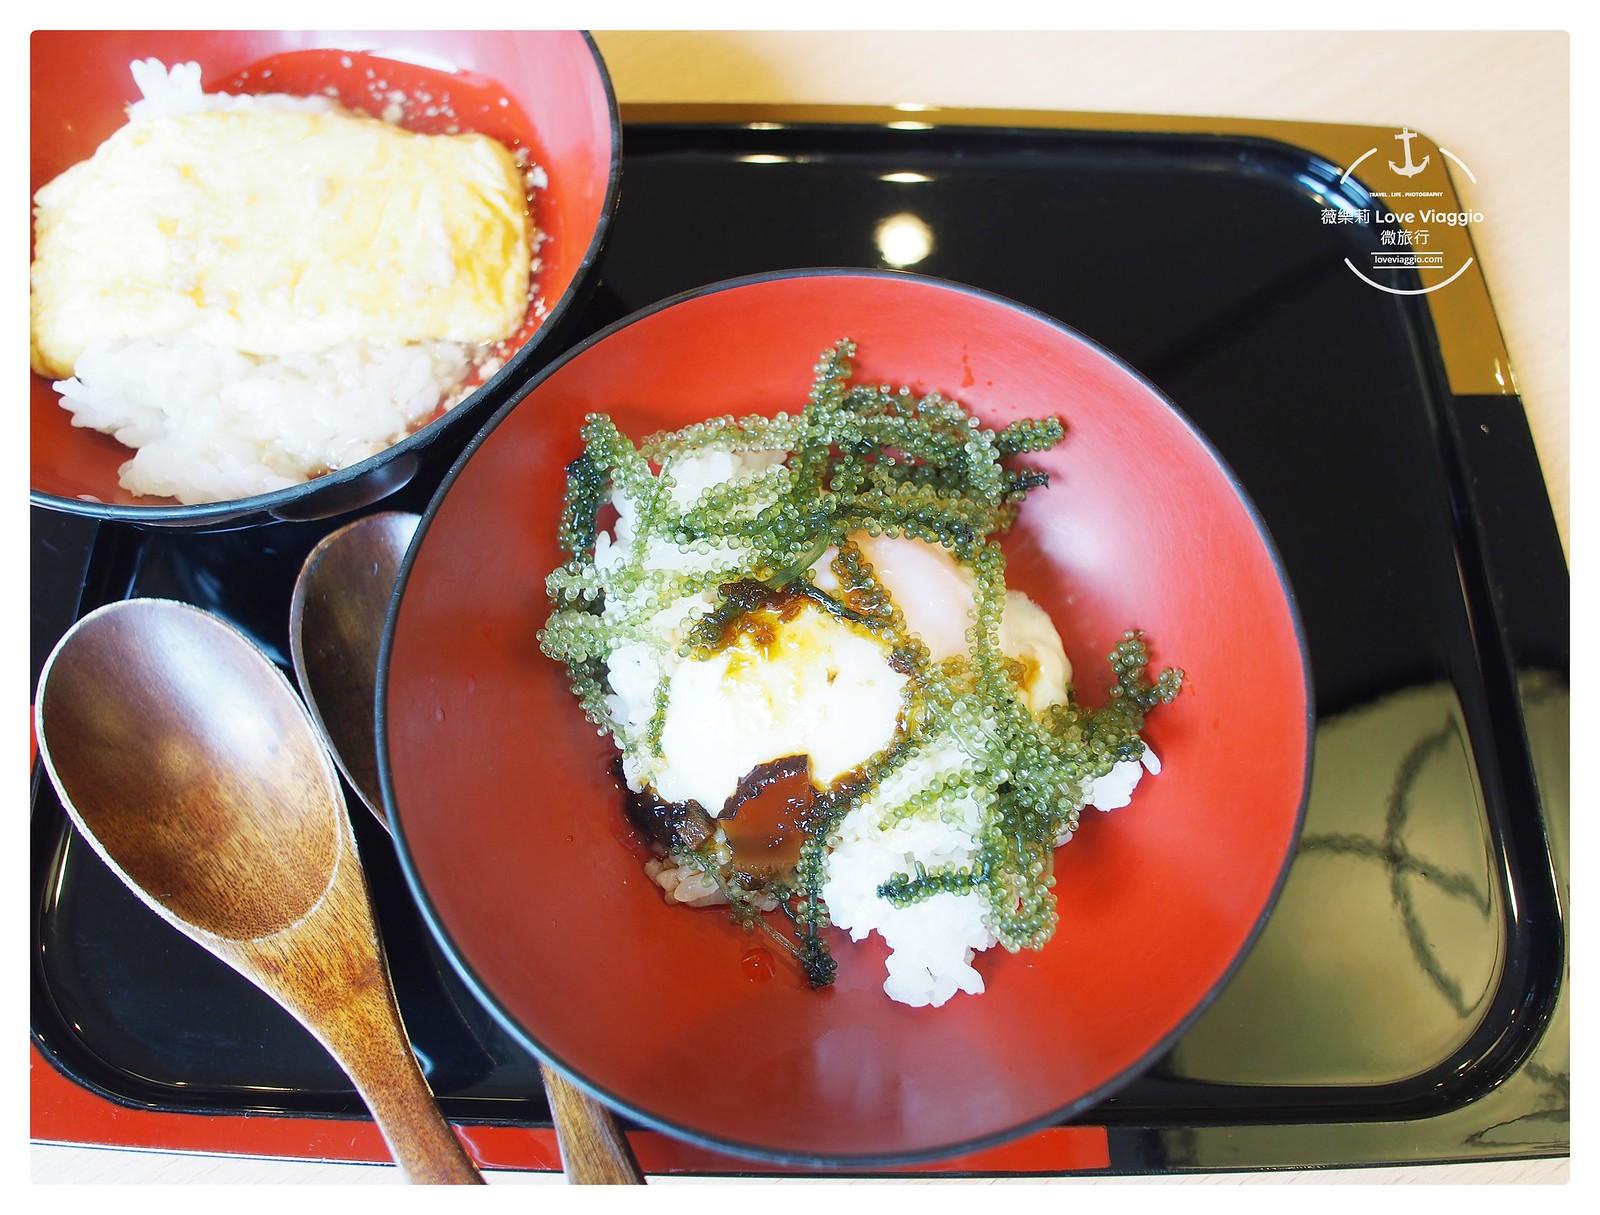 【沖繩 Okinawa】入住Alivlia日航 一次品嚐西式與日式早餐 HANA HANA/佐和 @薇樂莉 ♥ Love Viaggio 微旅行